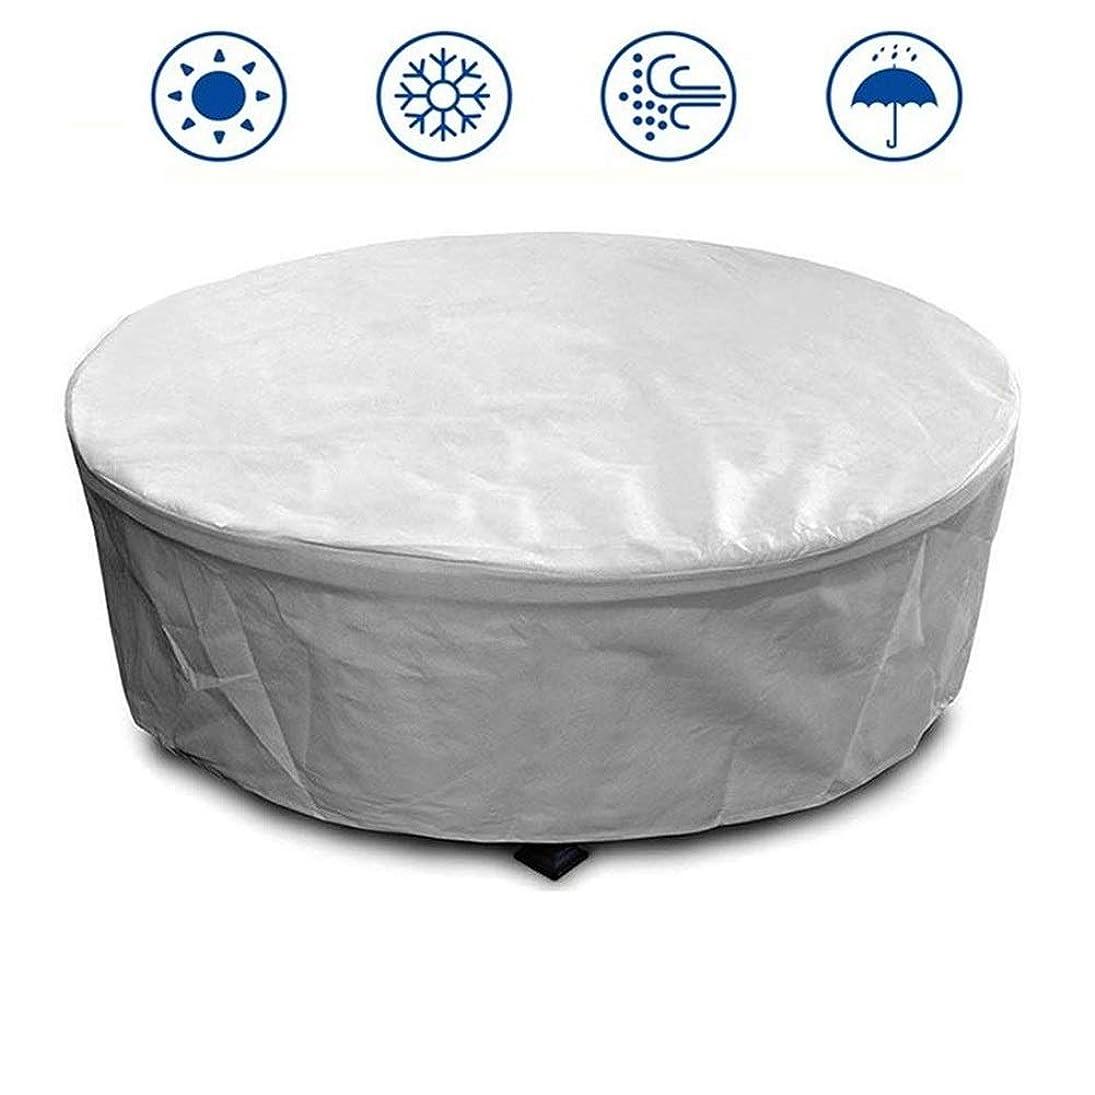 鉄分離する上がるYYFANG ガーデン屋外カバーテーブル屋外の円筒形ダストカバーソファサイドテーブル防水オックスフォード布、サポートのカスタマイズ (Color : Gray, Size : 120x120x74cm)